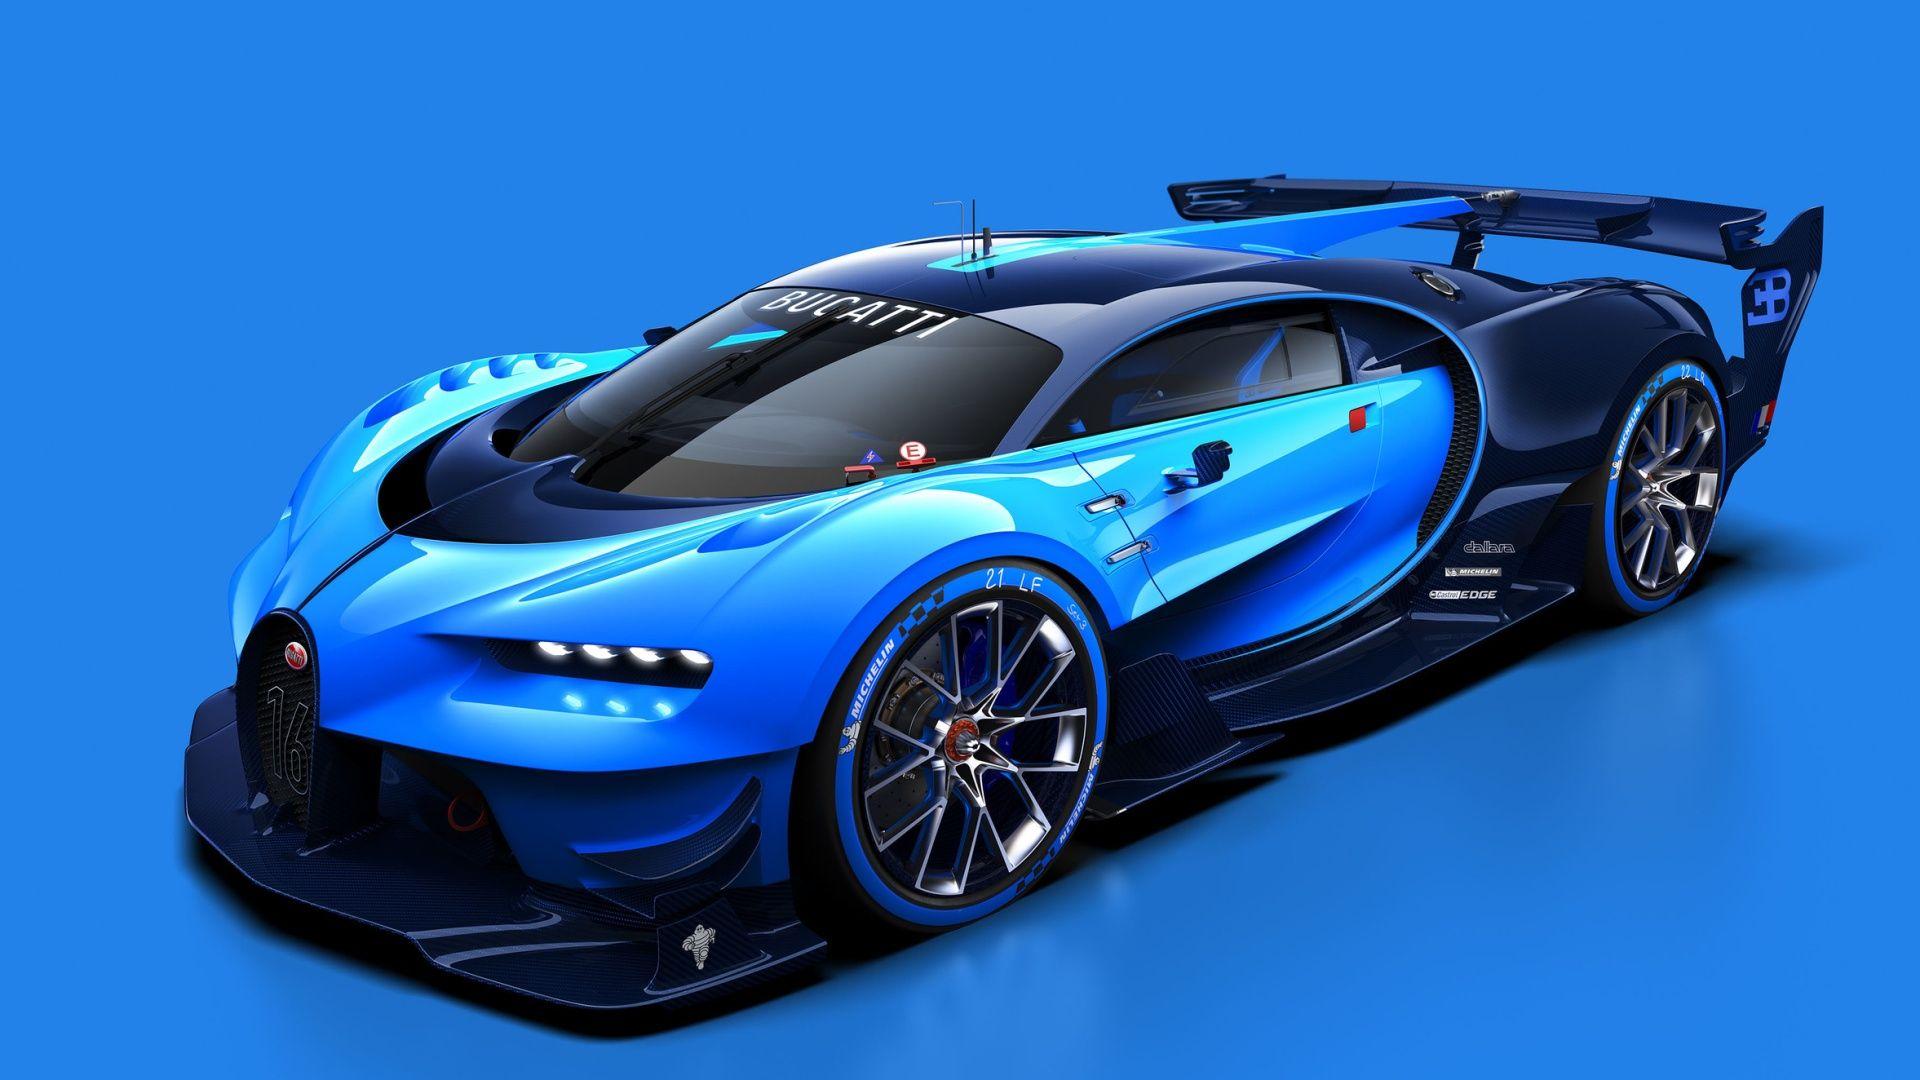 Bugatti Vision Gran Turismo Bugatti Cars Bugatti Vision Gt Futuristic Cars